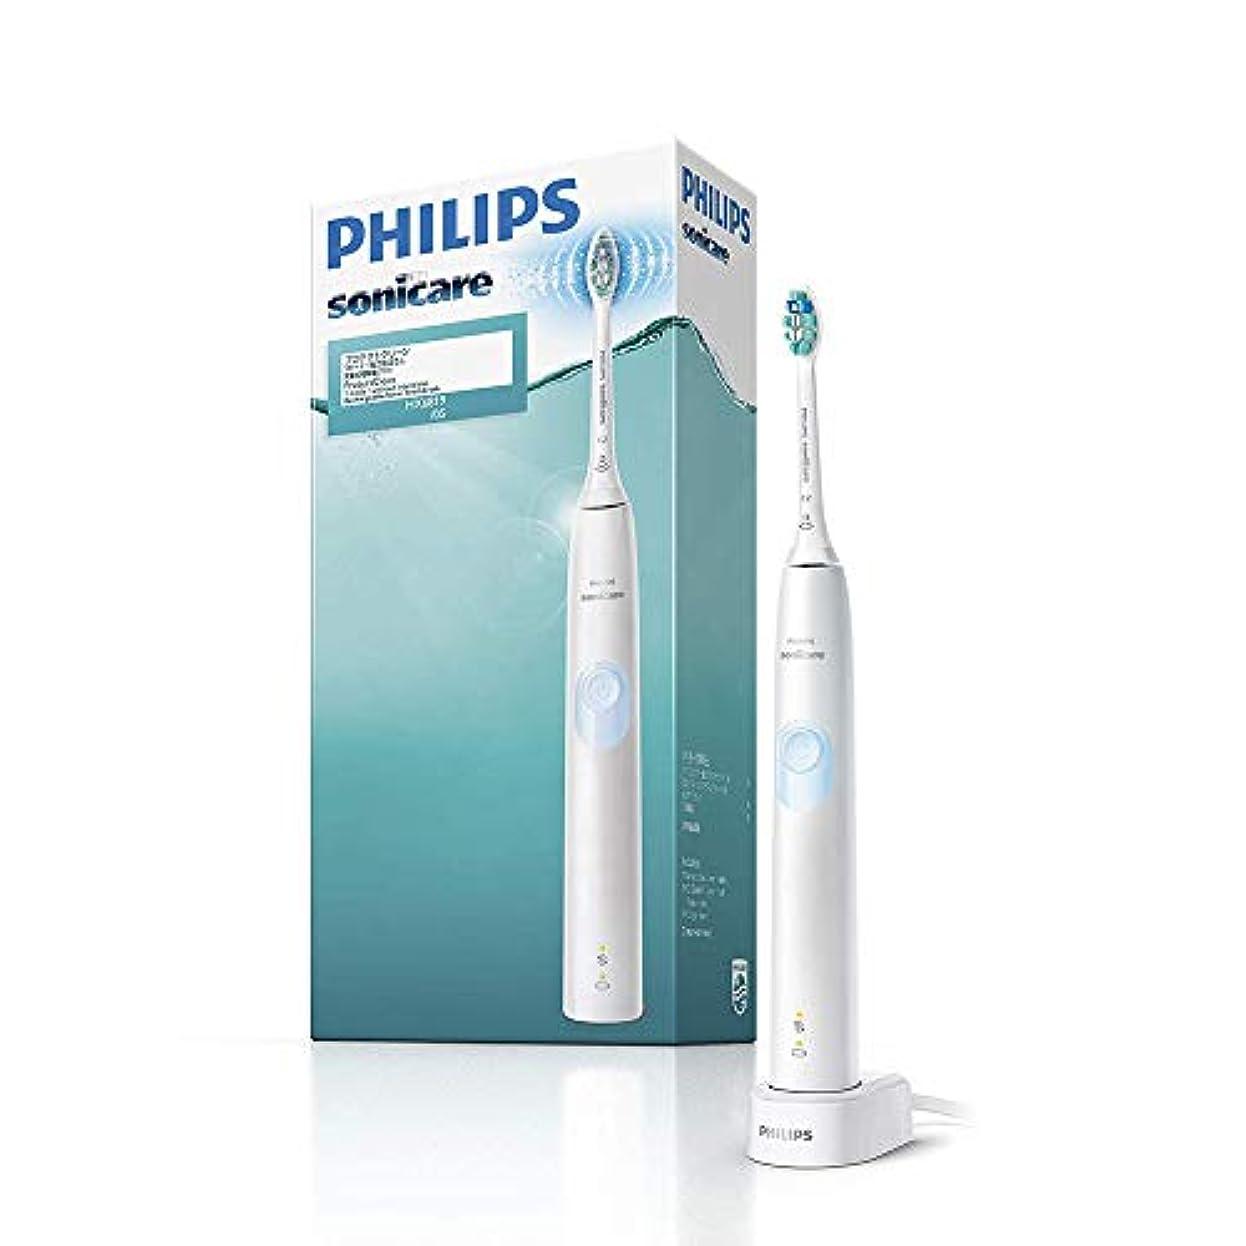 決めますメーター疑い者【Amazon.co.jp限定】フィリップス ソニッケアー プロテクトクリーン ホワイトライトブルー 電動歯ブラシ 強さ設定なし HX6819/05